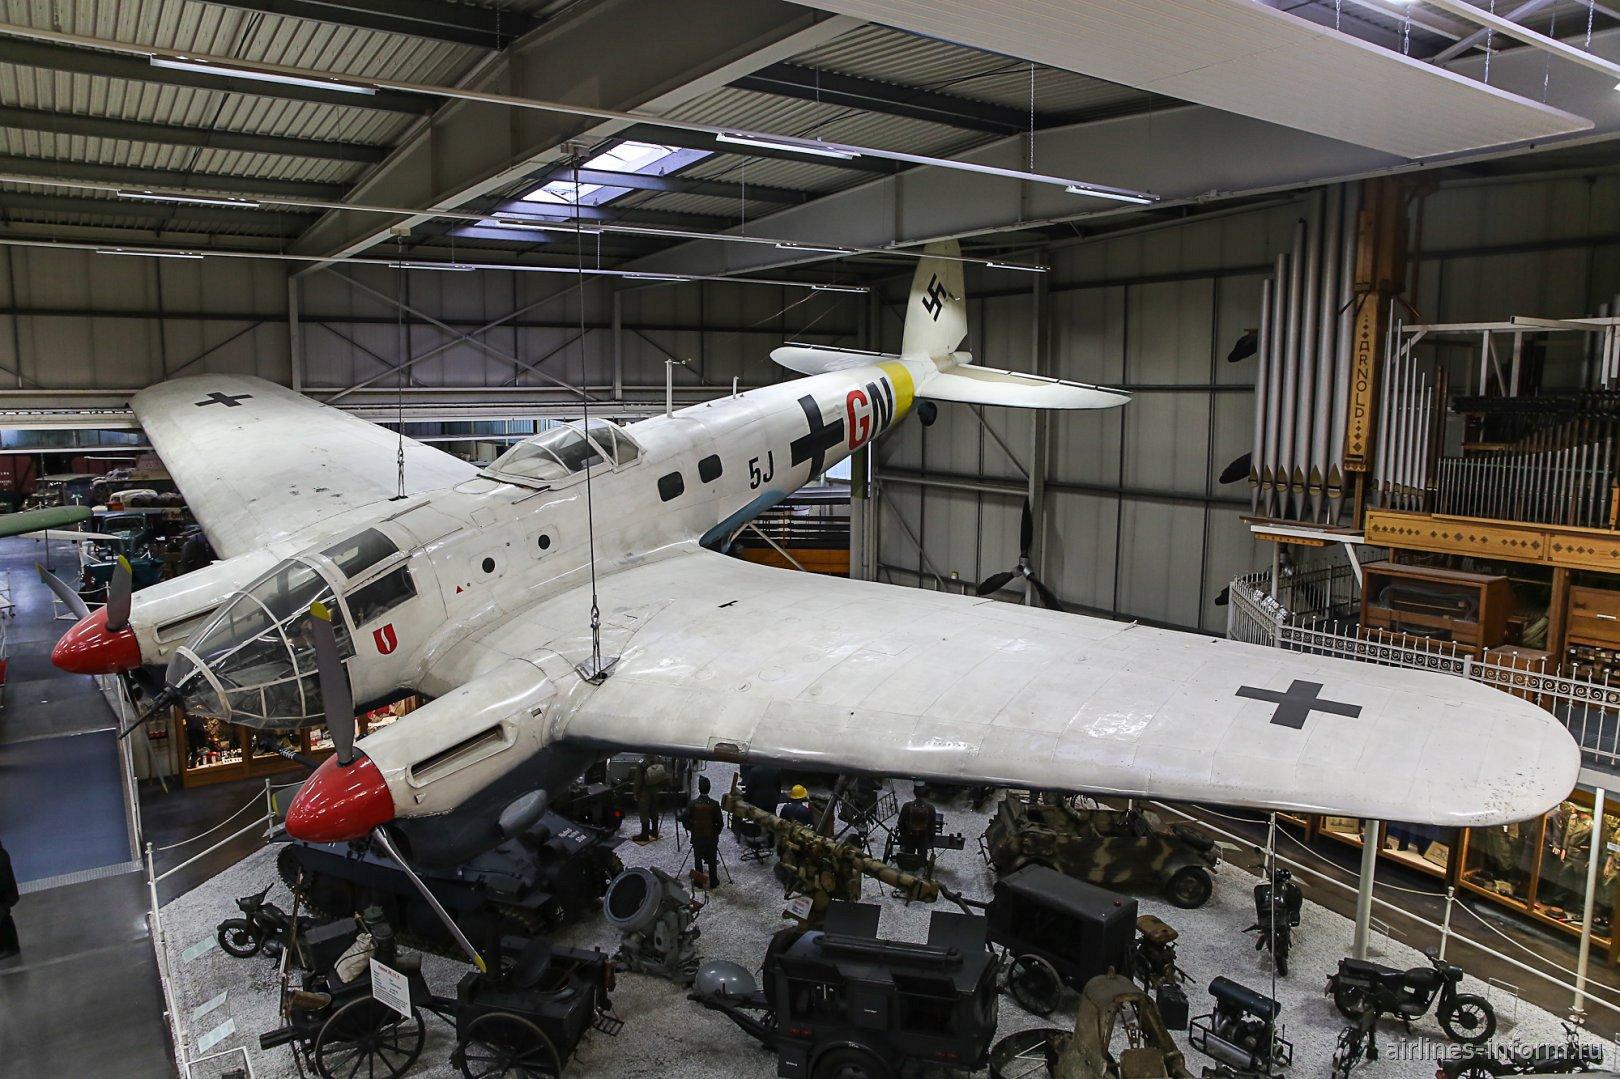 Бомбардировщик Хейнкель Хе-111 в музее техники в Зинсхайме